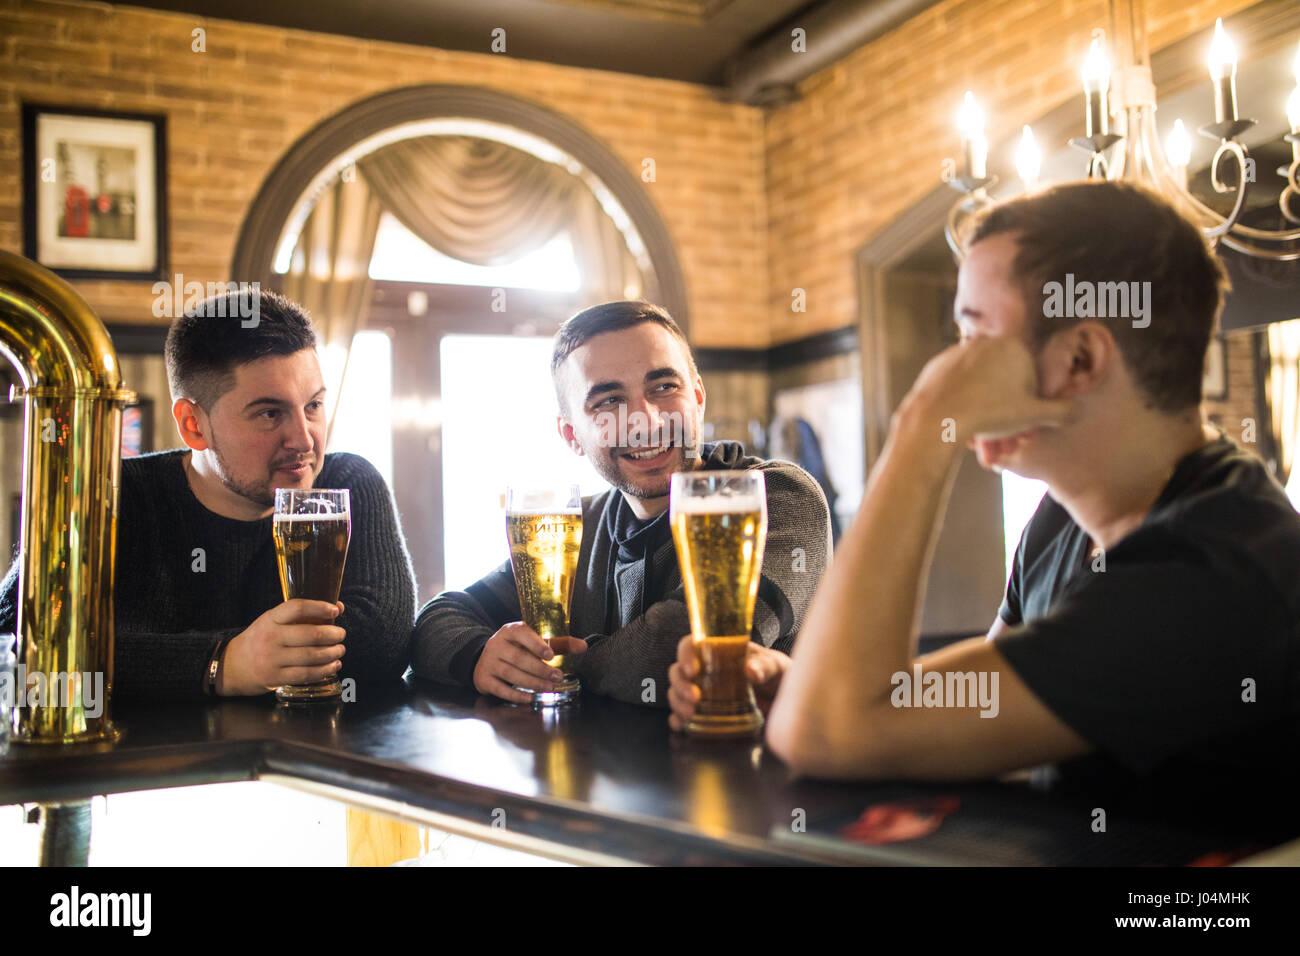 Allegro vecchi amici divertendosi e bere birra presso il bar contatore nel pub. Immagini Stock